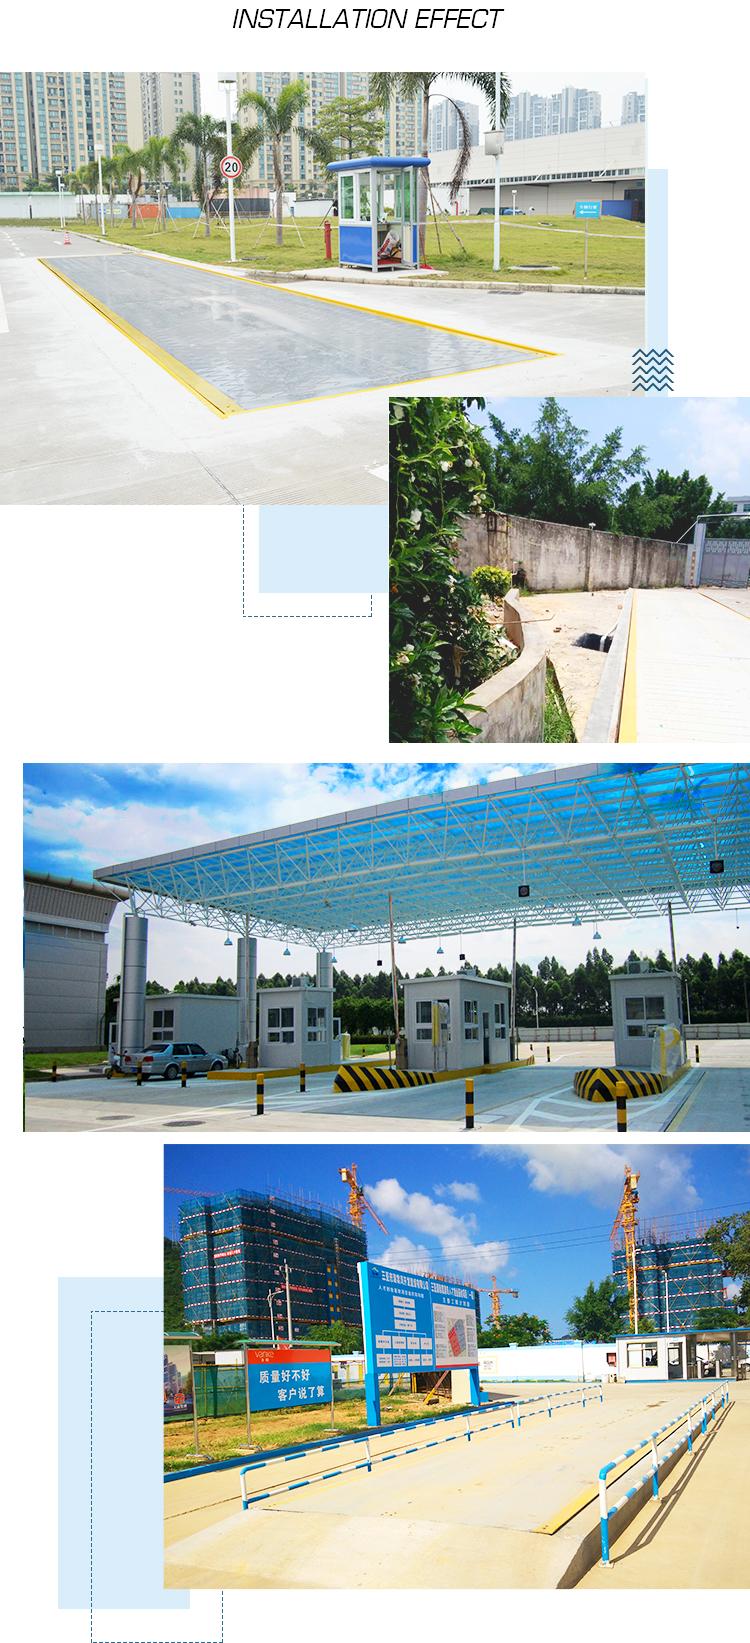 3x18m 100ton حفرة نوع وزن الجسر الإلكترونية المركبات الميزان